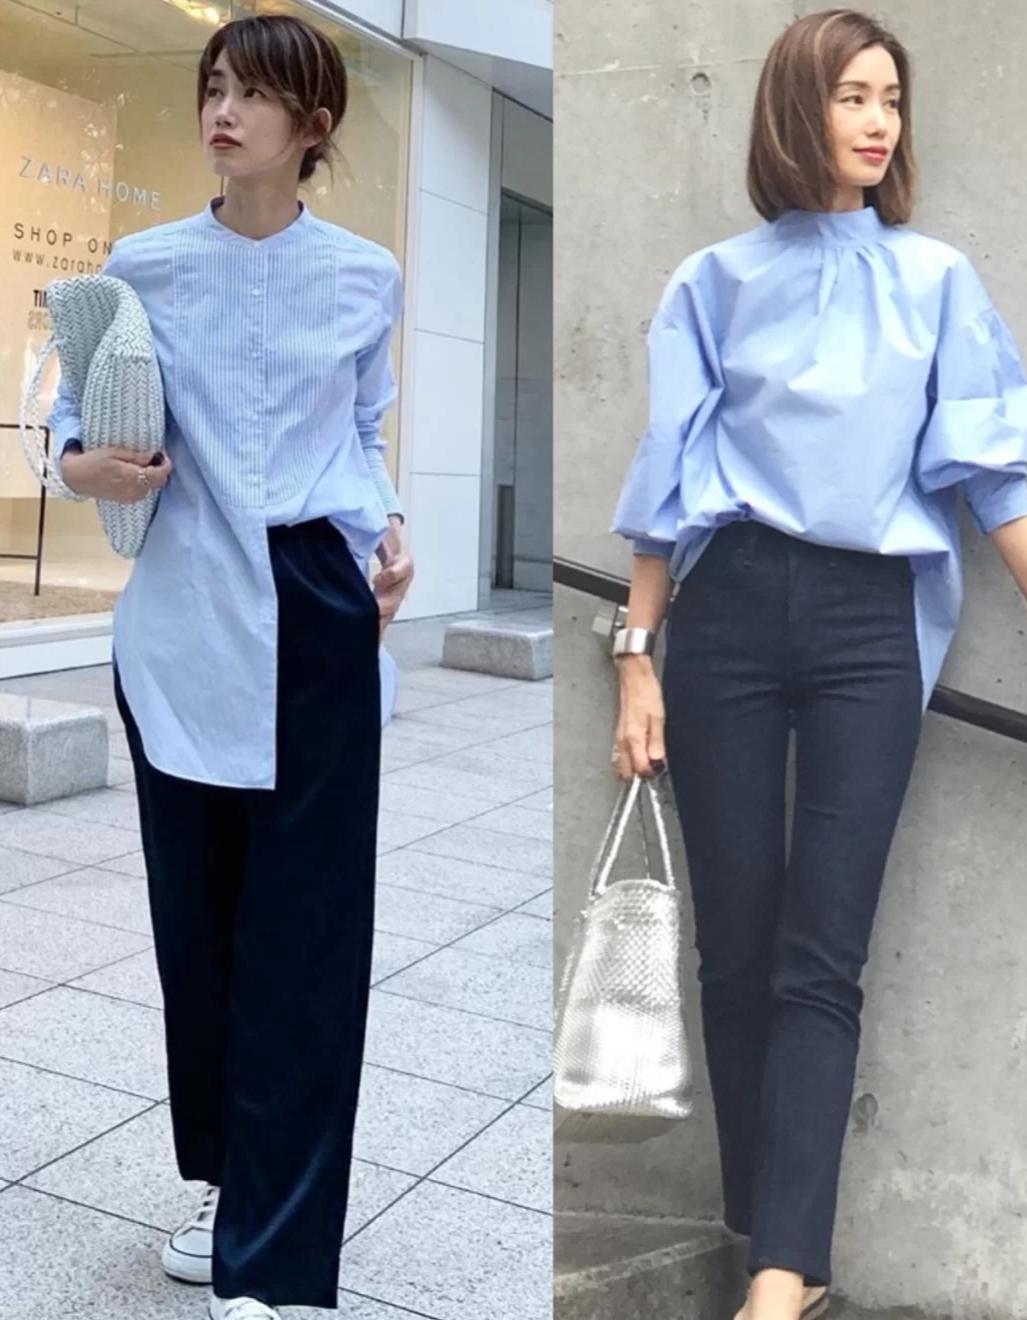 这些盛夏日系穿搭时尚简约,学会一种就很美,瞬间get日式优雅